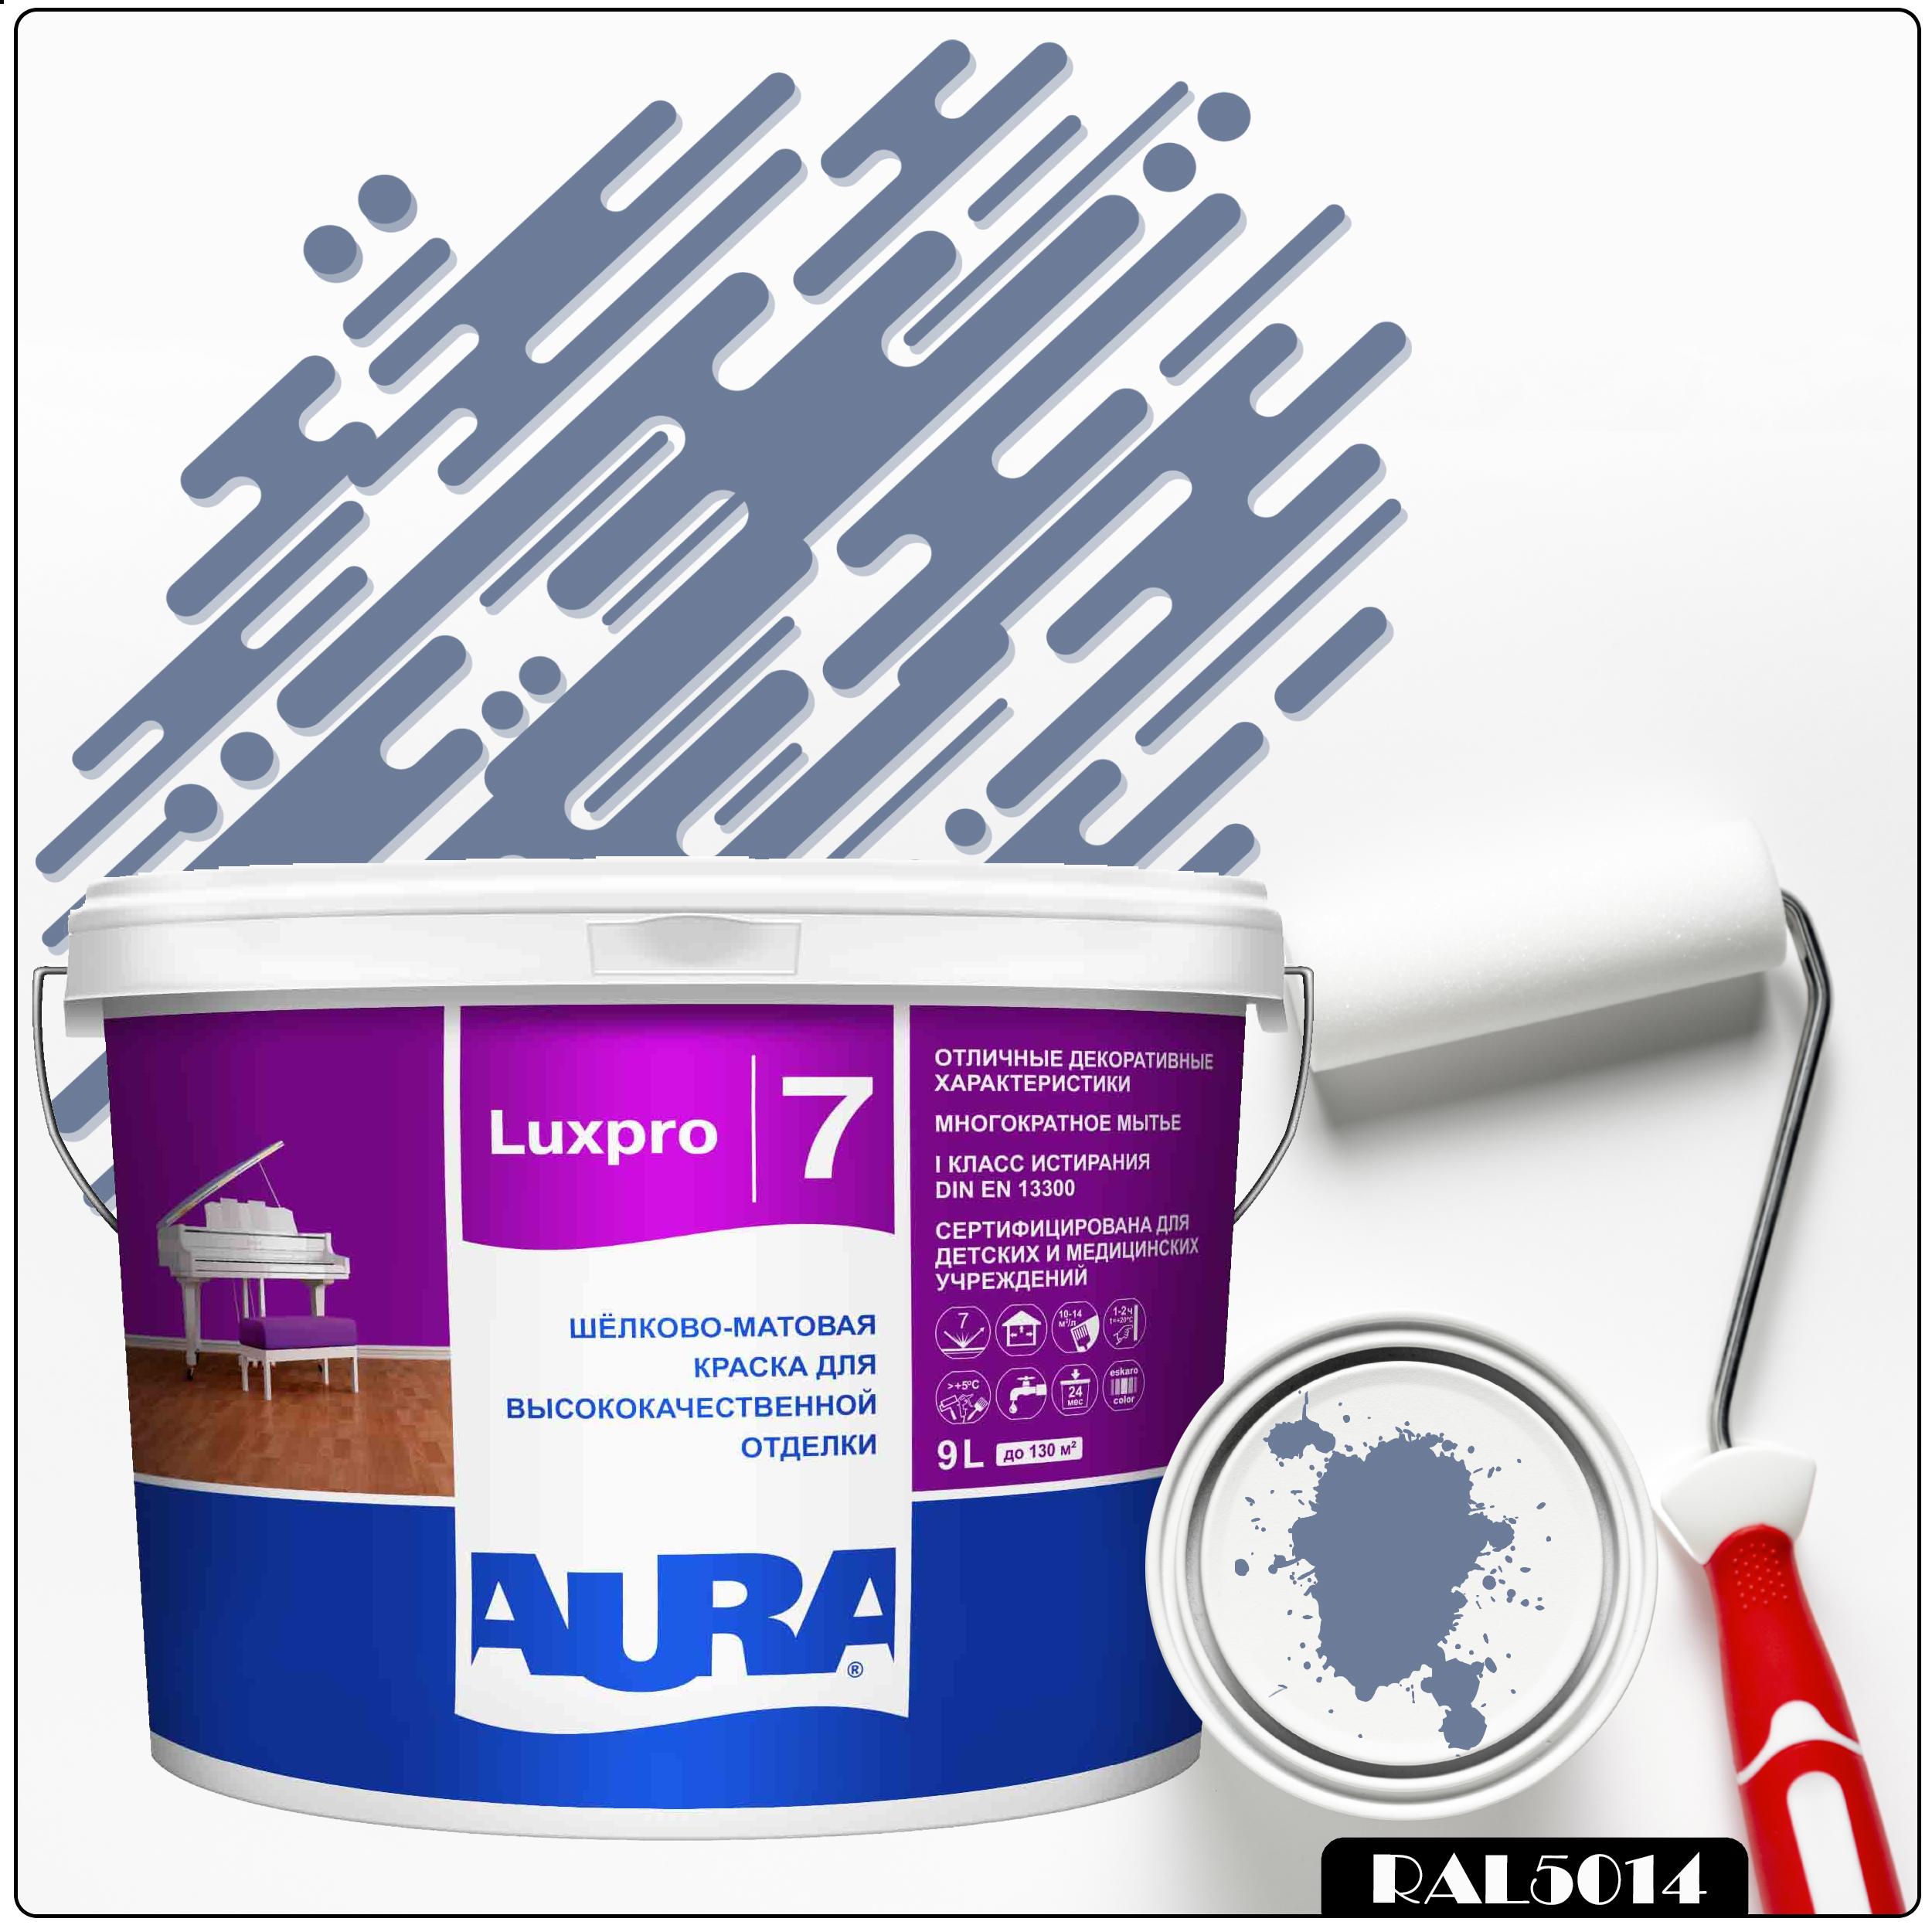 Фото 14 - Краска Aura LuxPRO 7, RAL 5014 Голубино-синий, латексная, шелково-матовая, интерьерная, 9л, Аура.